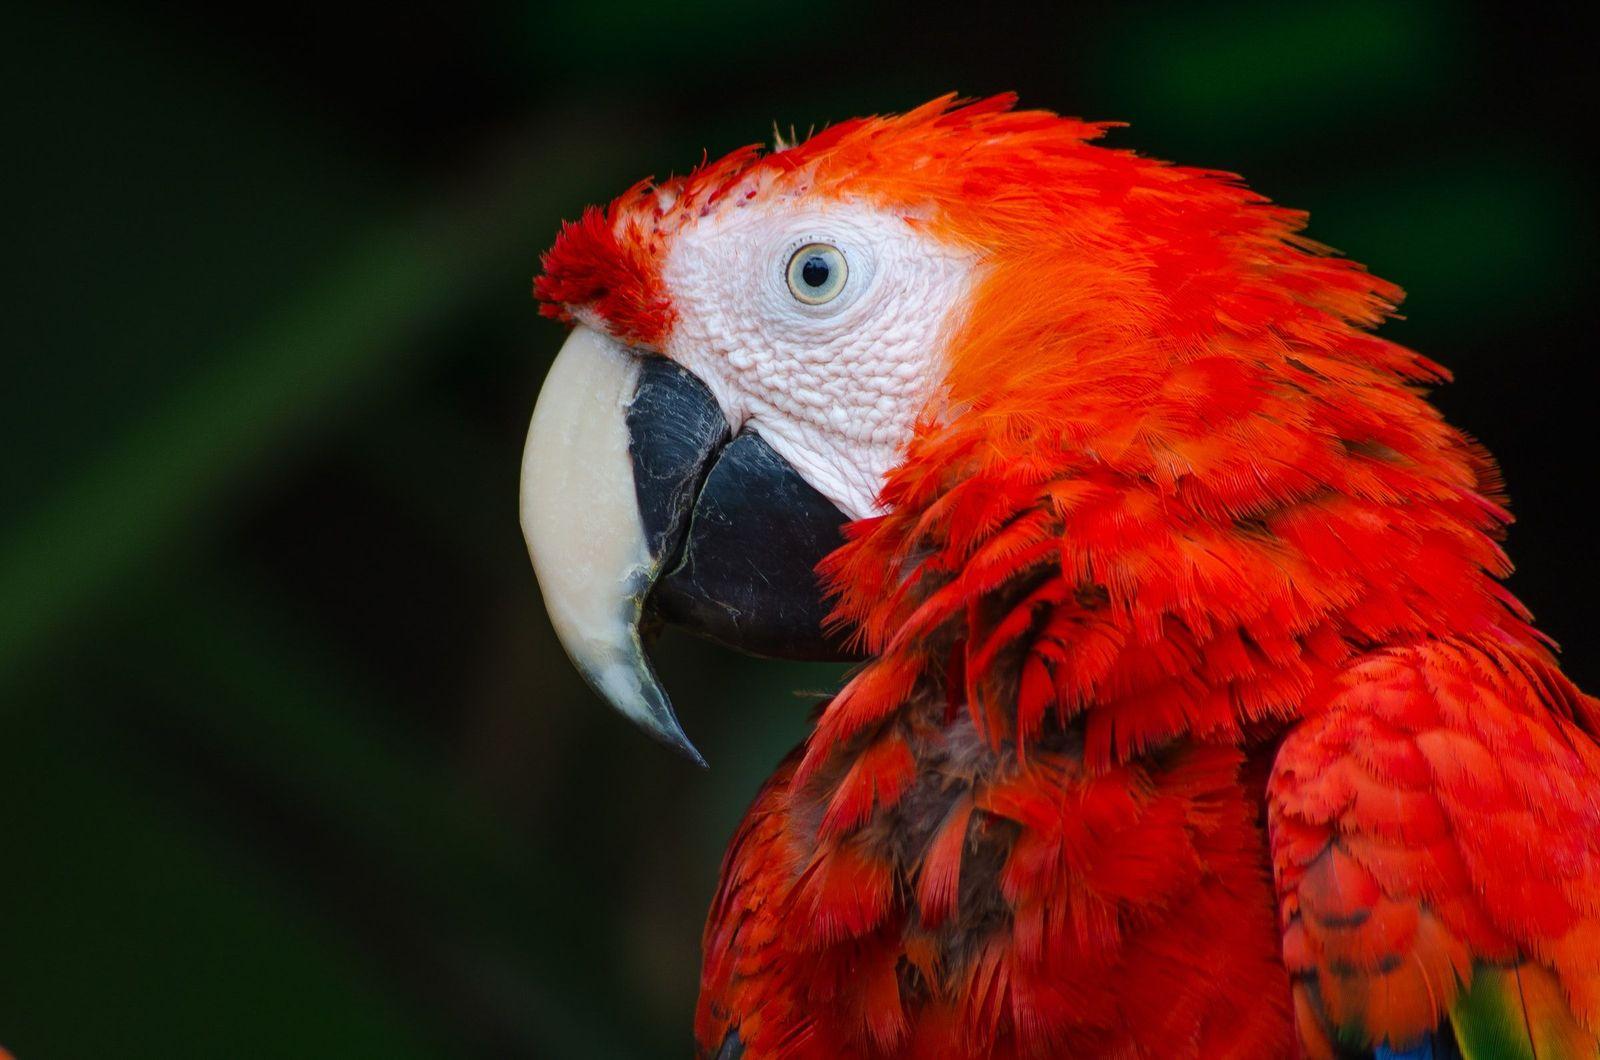 Avian influenze (bird flu) - Vetster